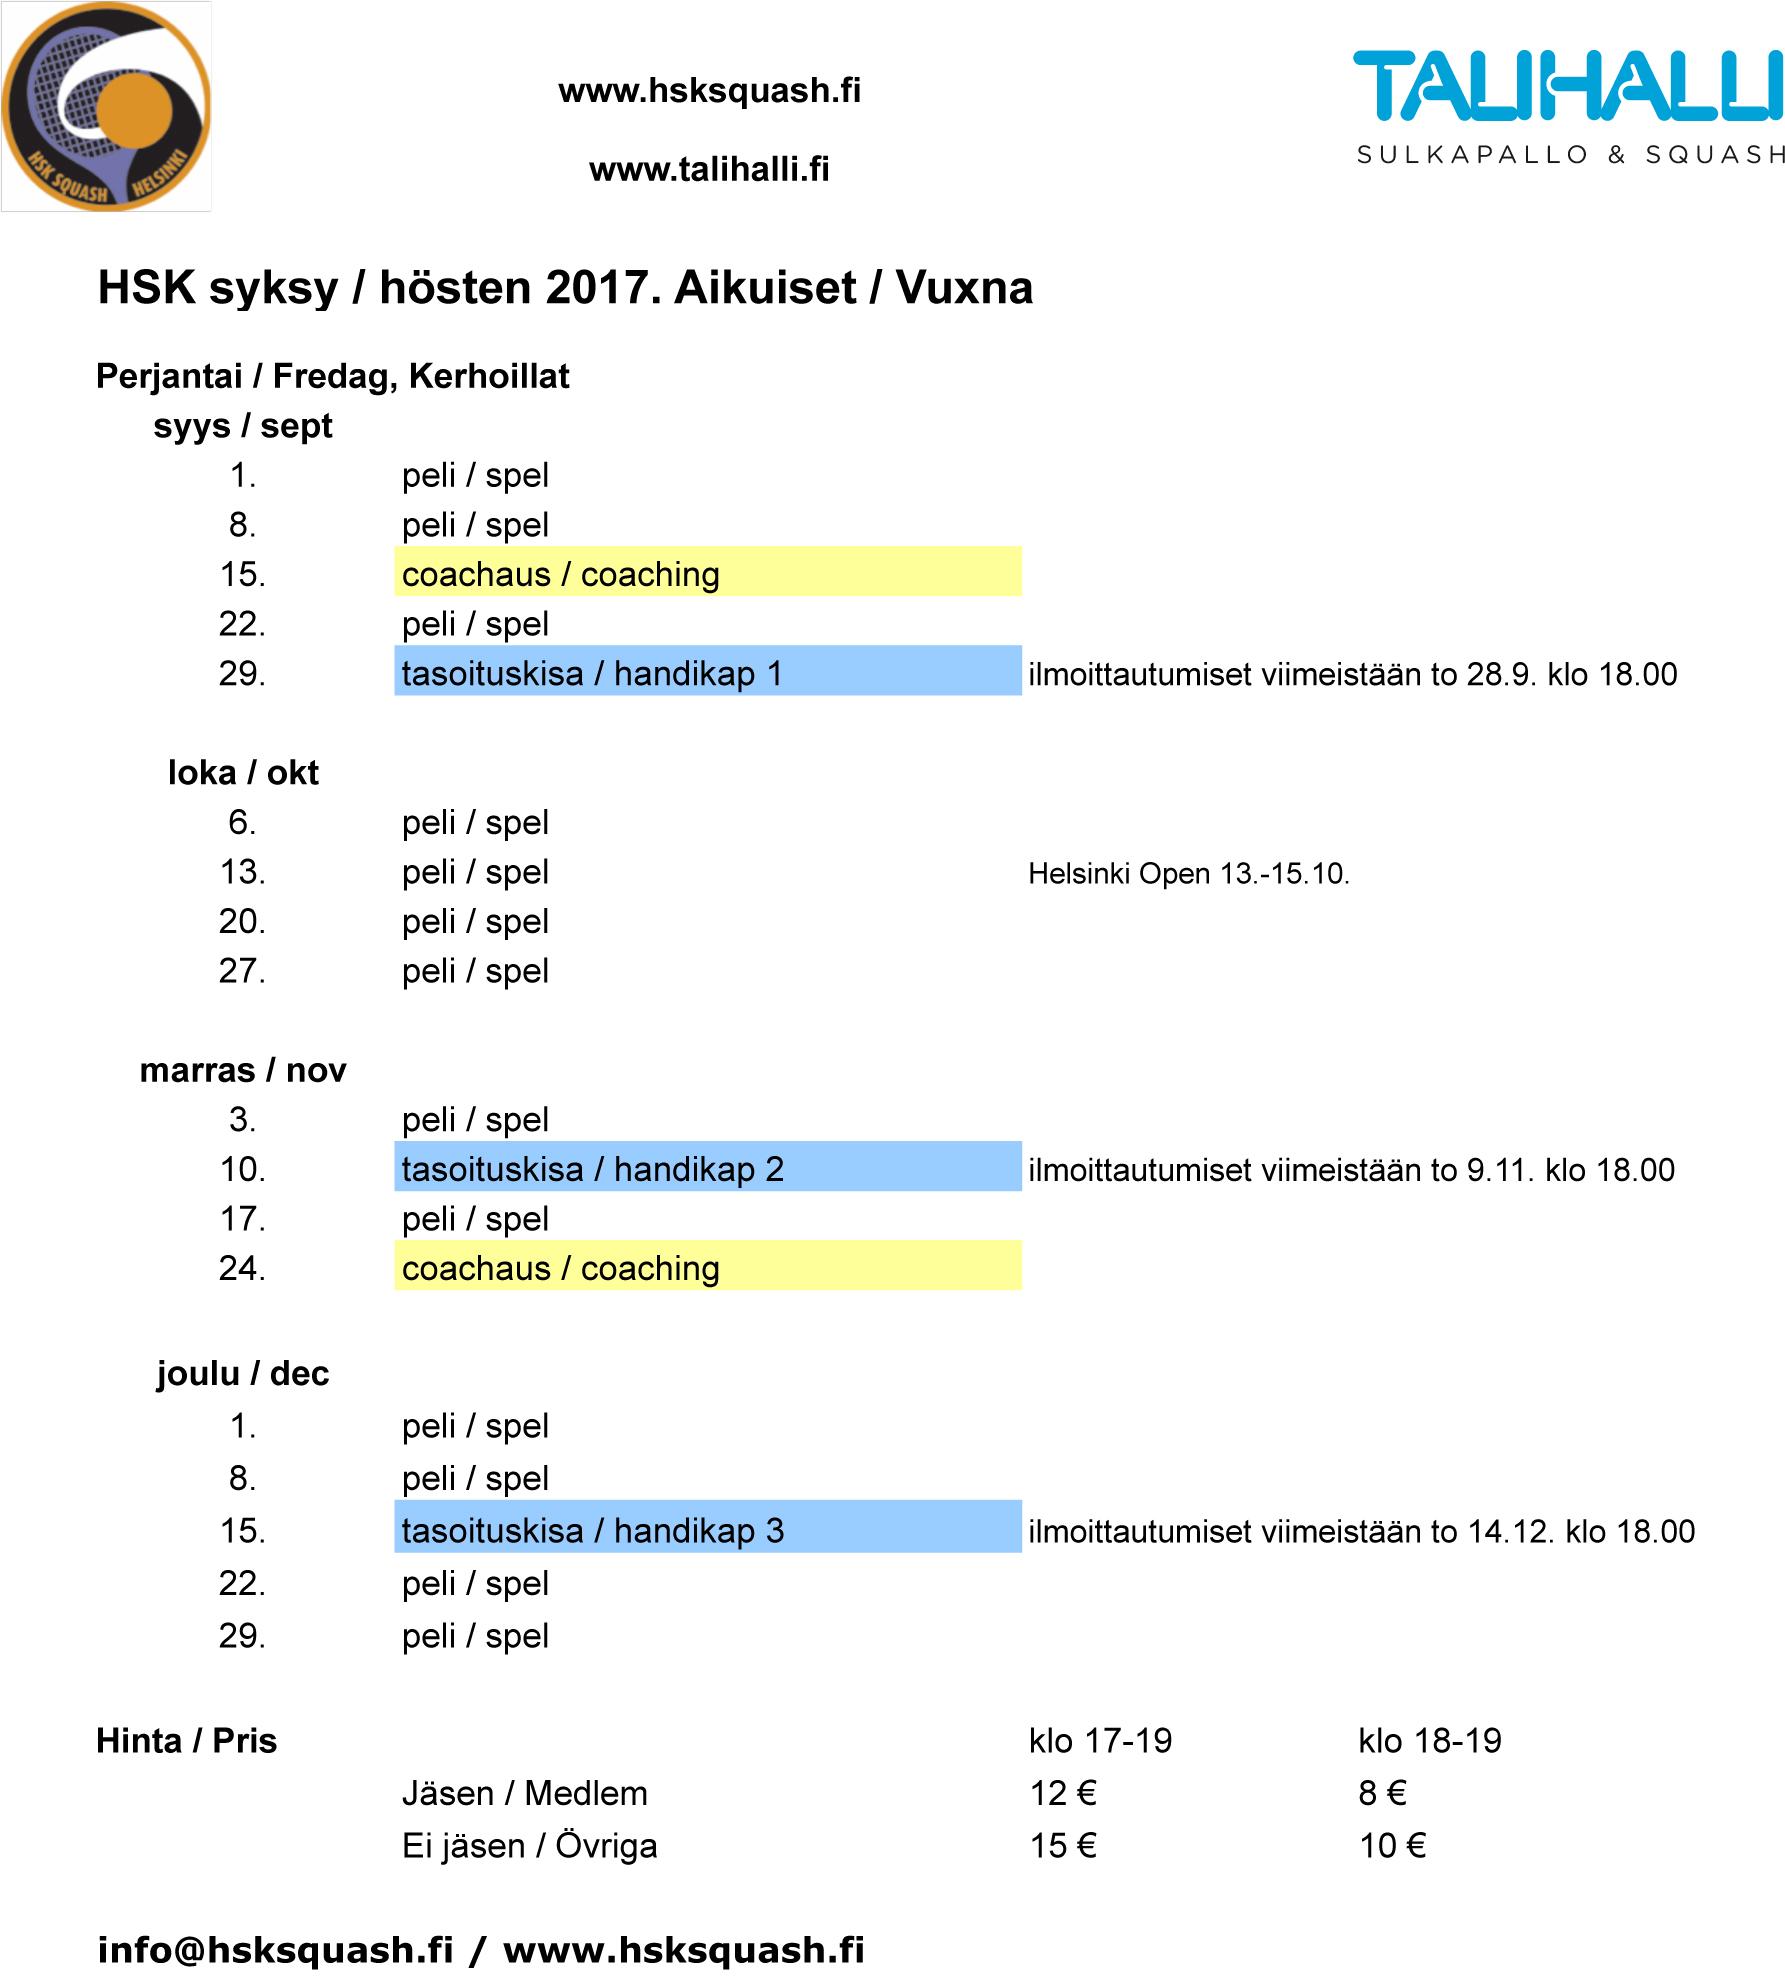 HSK syksy 2017 v2